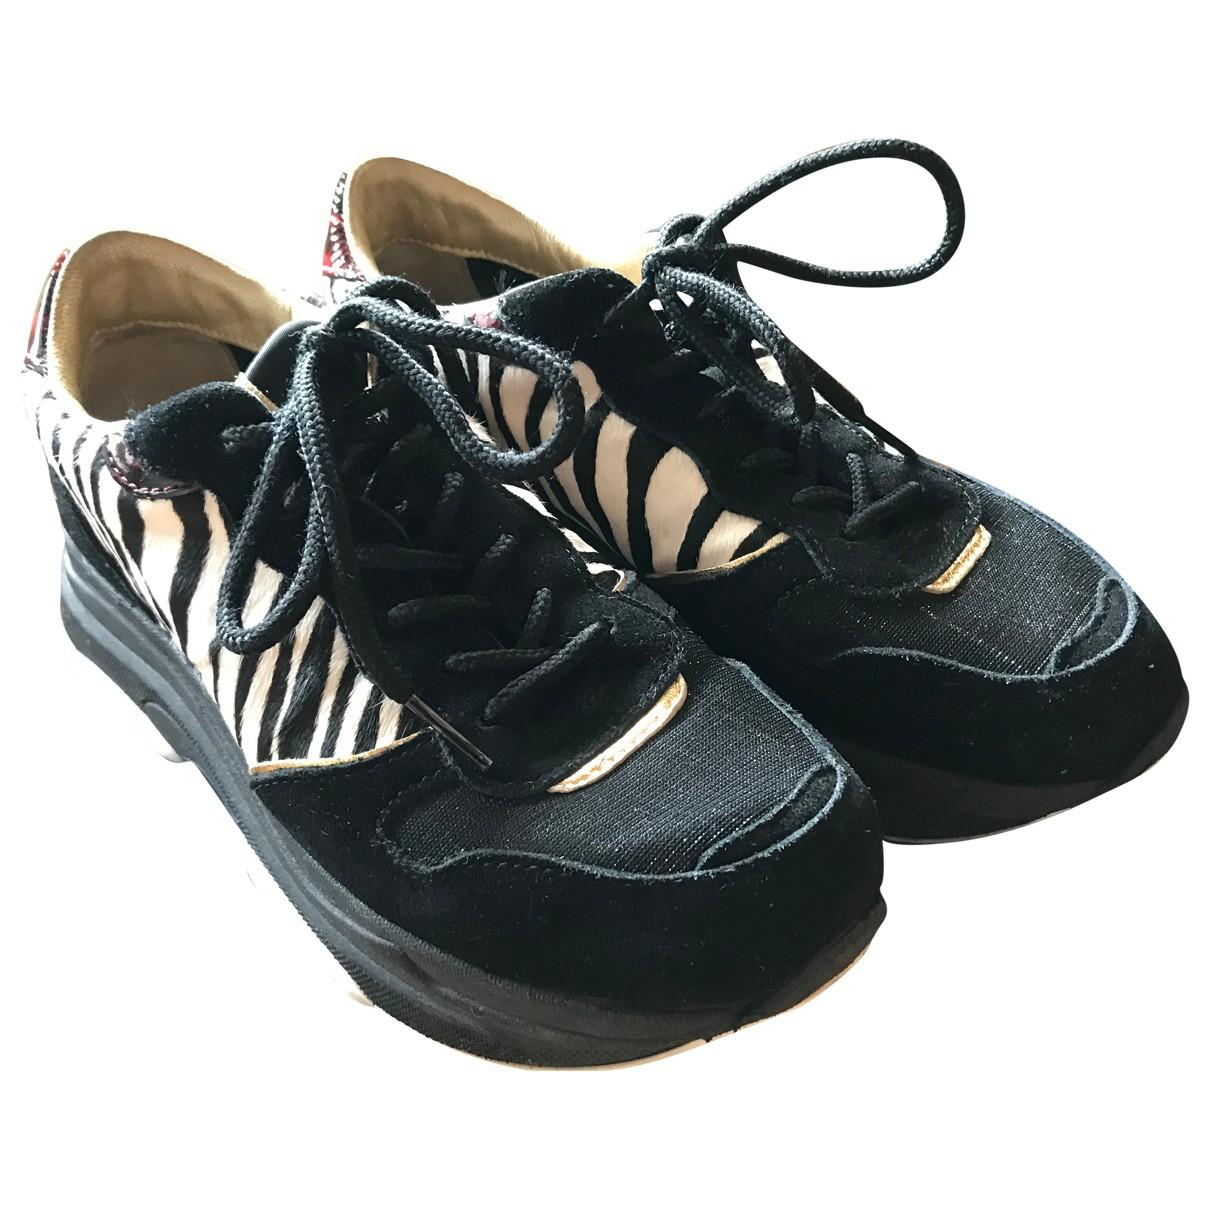 Serafini - Baskets   pour femme en cuir - noir